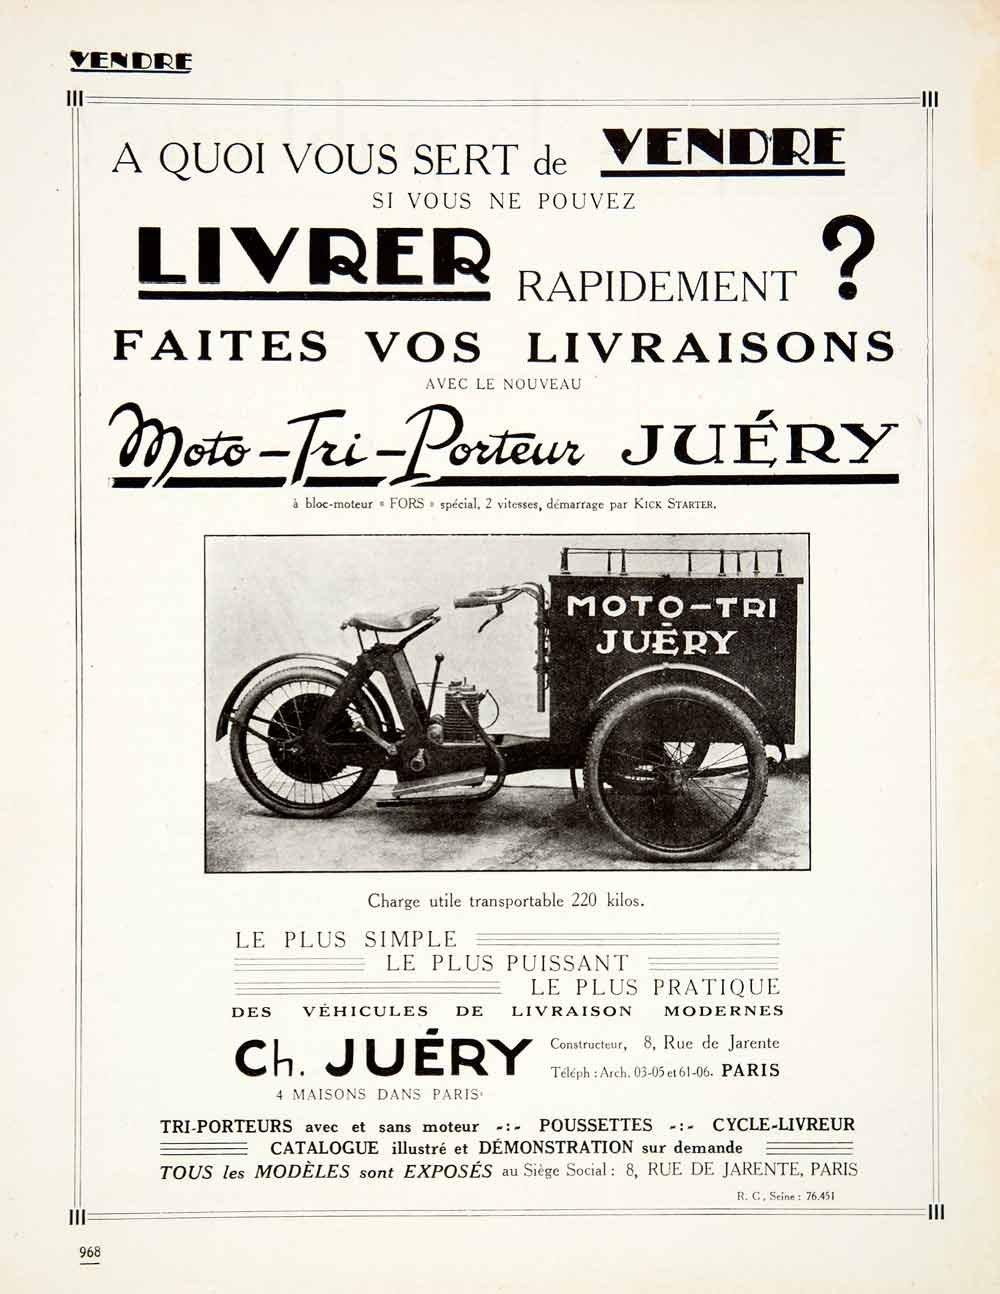 1924 Ad Juery Moto Tri Juery 8 Rue De Jarente Paris Tricycle